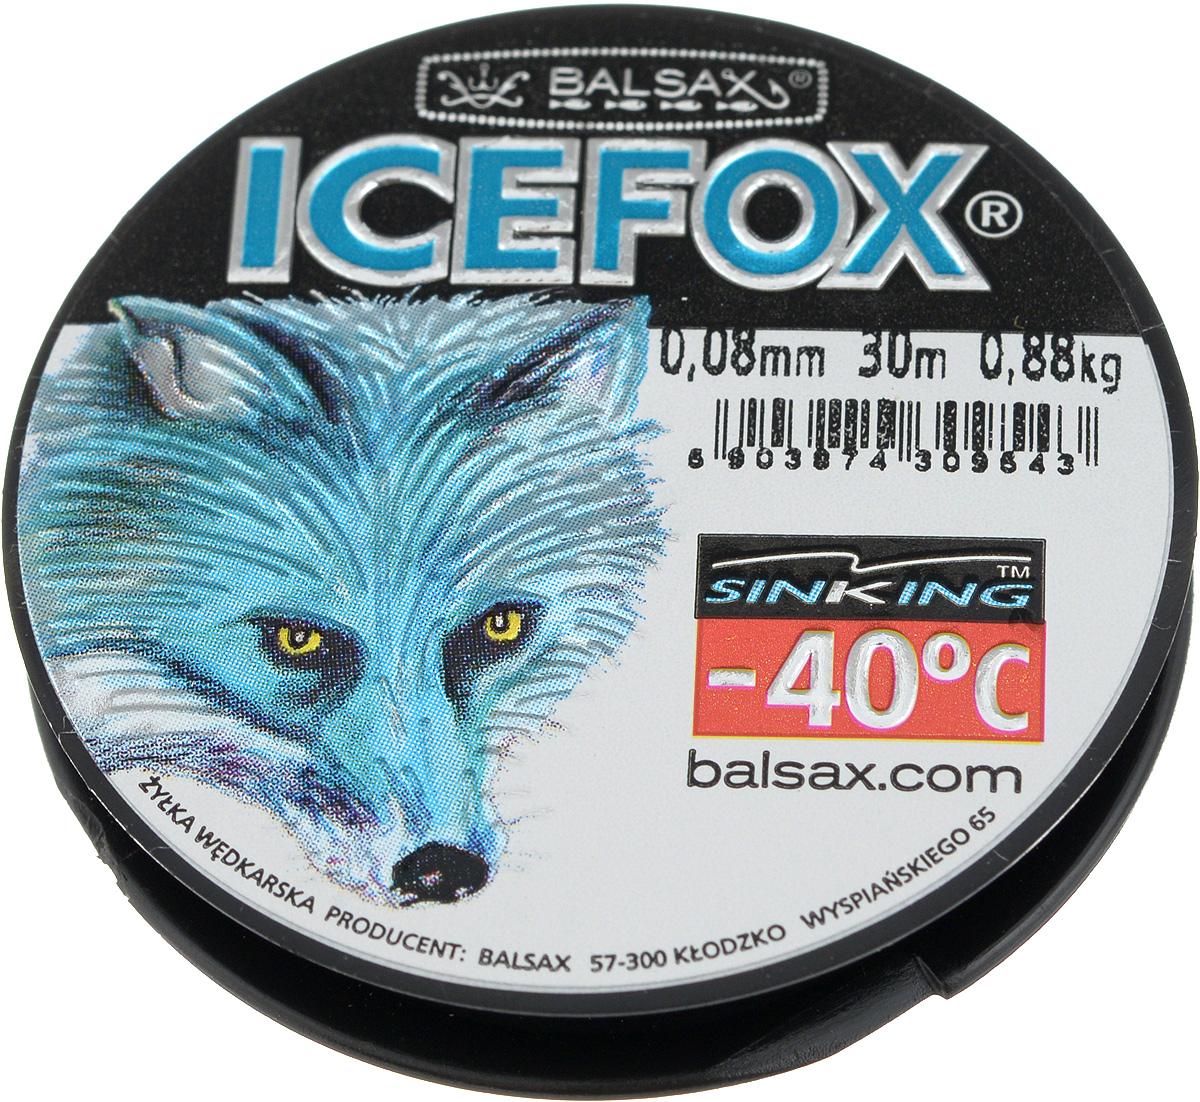 Леска зимняя Balsax Ice Fox, 30 м, 0,08 мм, 0,88 кг310-07008Леска Balsax Ice Fox изготовлена из 100% нейлона и очень хорошо выдерживает низкие температуры. Даже в самом холодном климате, при температуре вплоть до -40°C, она сохраняет свои свойства практически без изменений, в то время как традиционные лески становятся менее эластичными и теряют прочность.Поверхность лески обработана таким образом, что она не обмерзает и отлично подходит для подледного лова. Прочна в местах вязки узлов даже при минимальном диаметре.